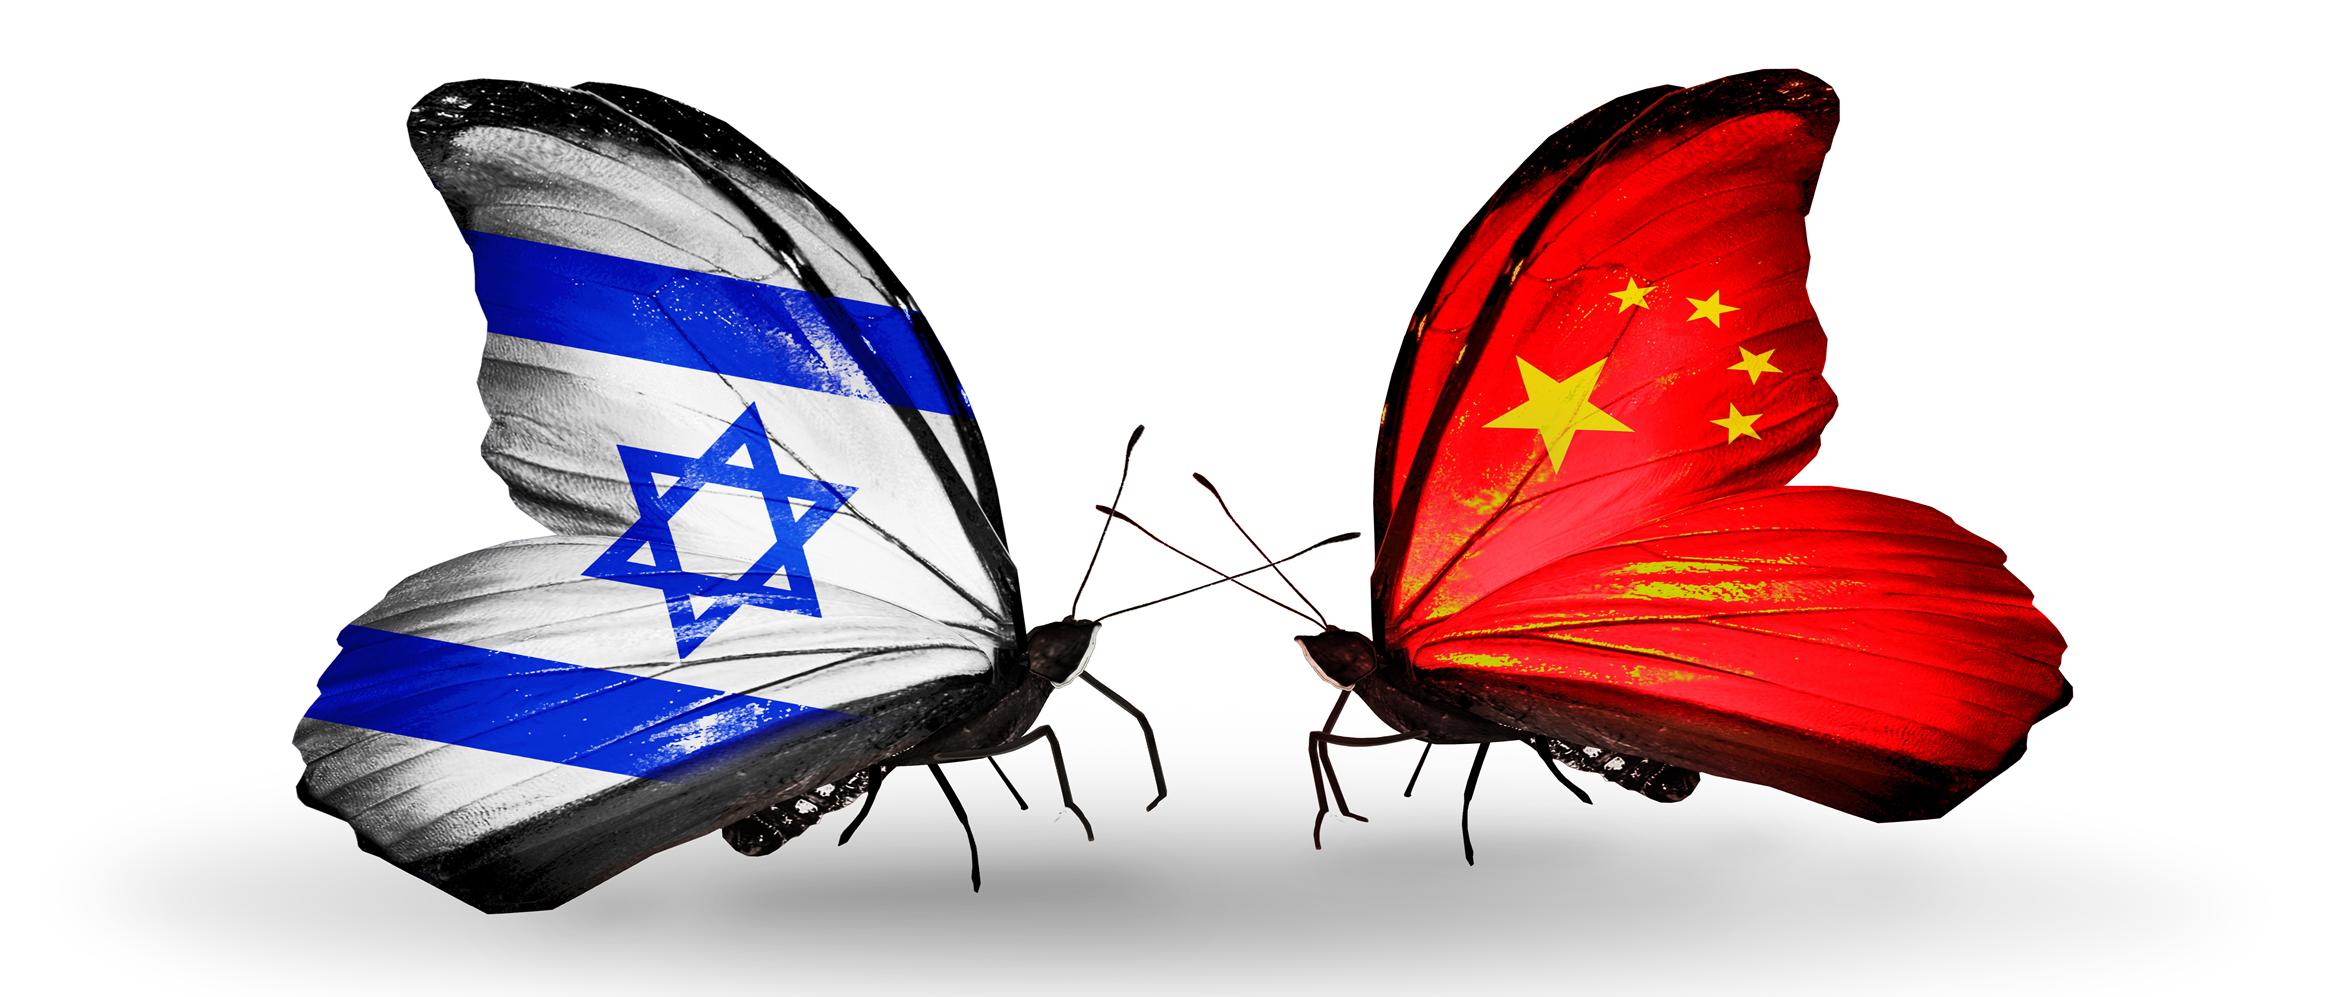 המדריך לעסקים עם סין – עשה ואל תעשה